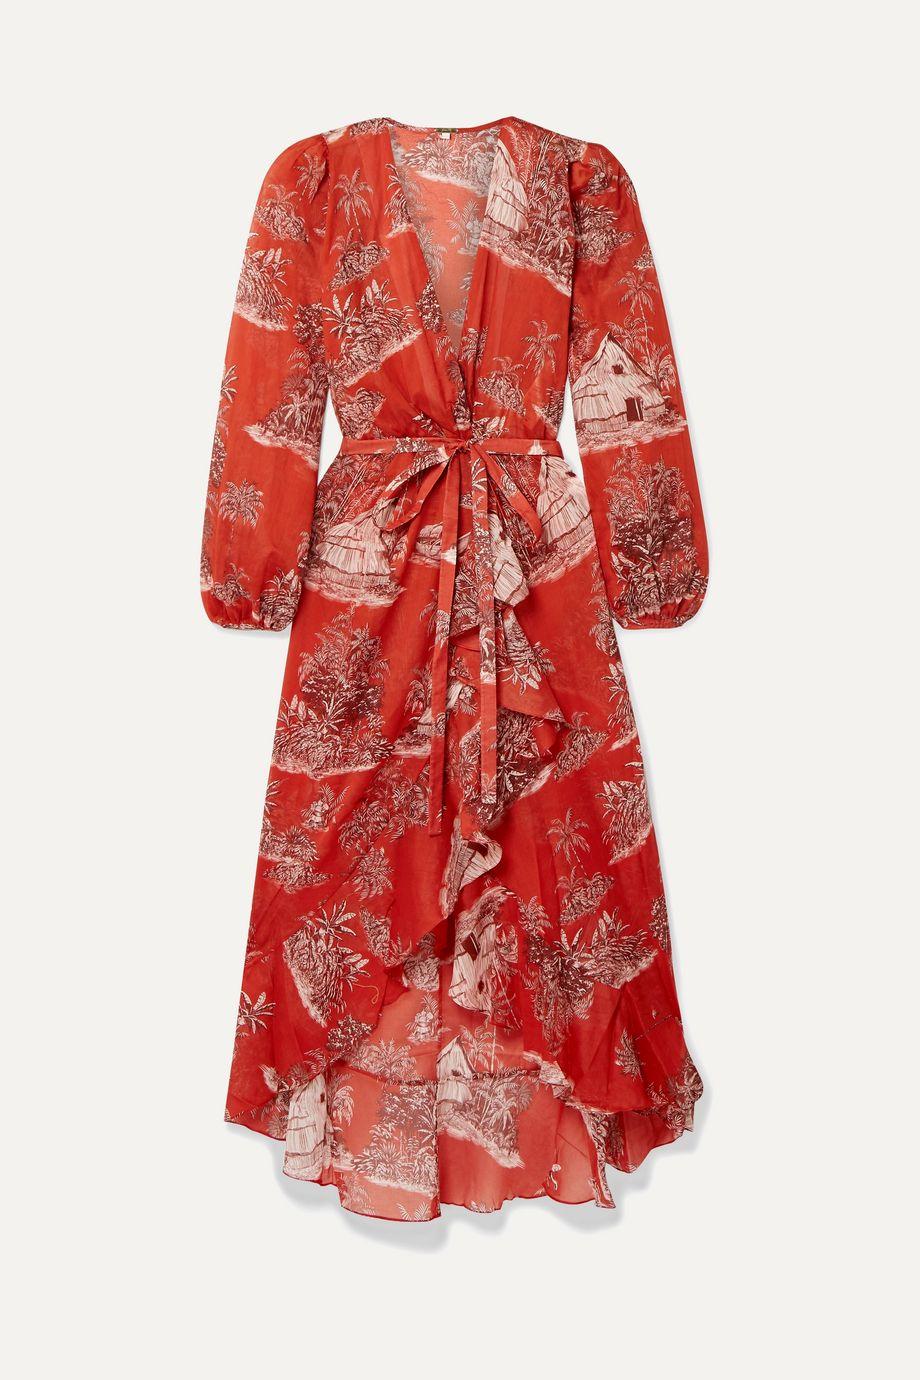 Johanna Ortiz Cuando El Rio Suena printed cotton-voile wrap dress